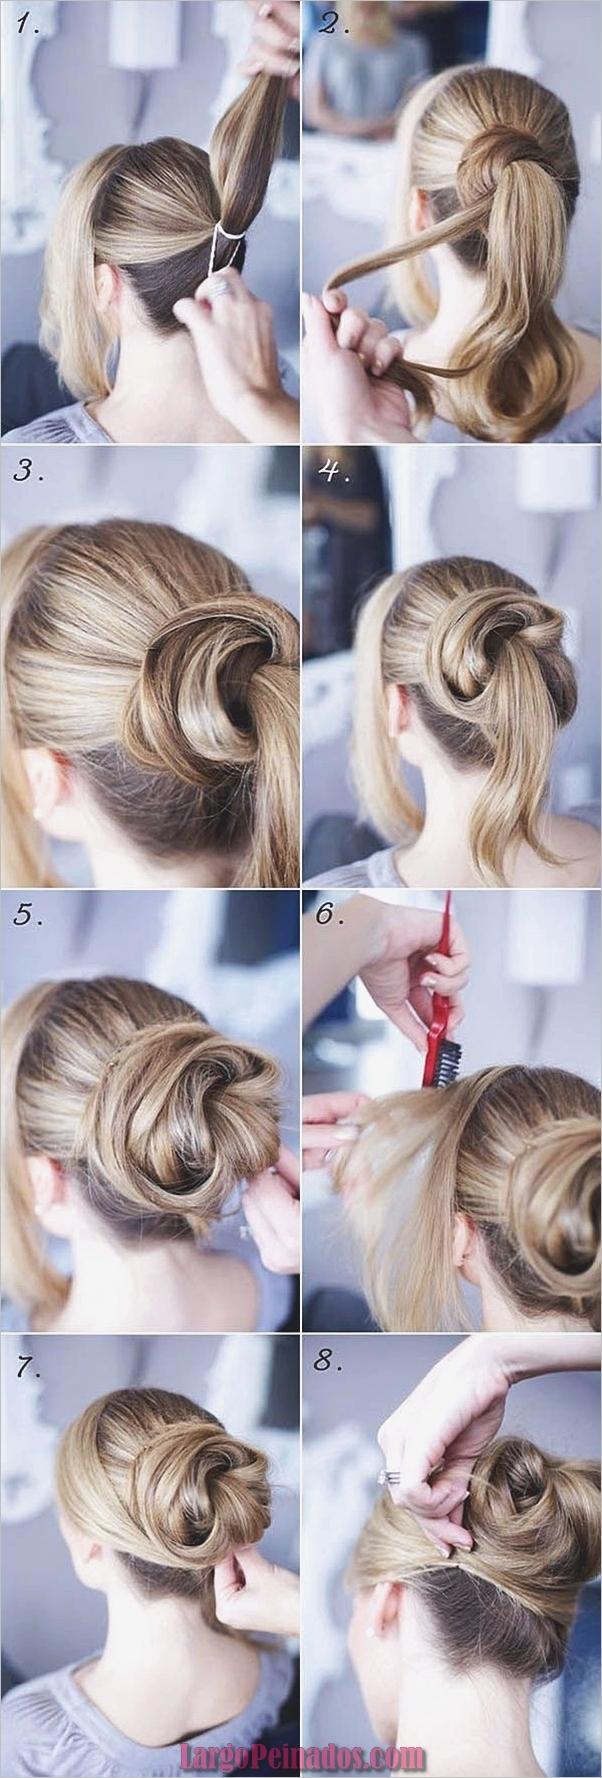 Peinados fáciles paso a paso para cabello largo5